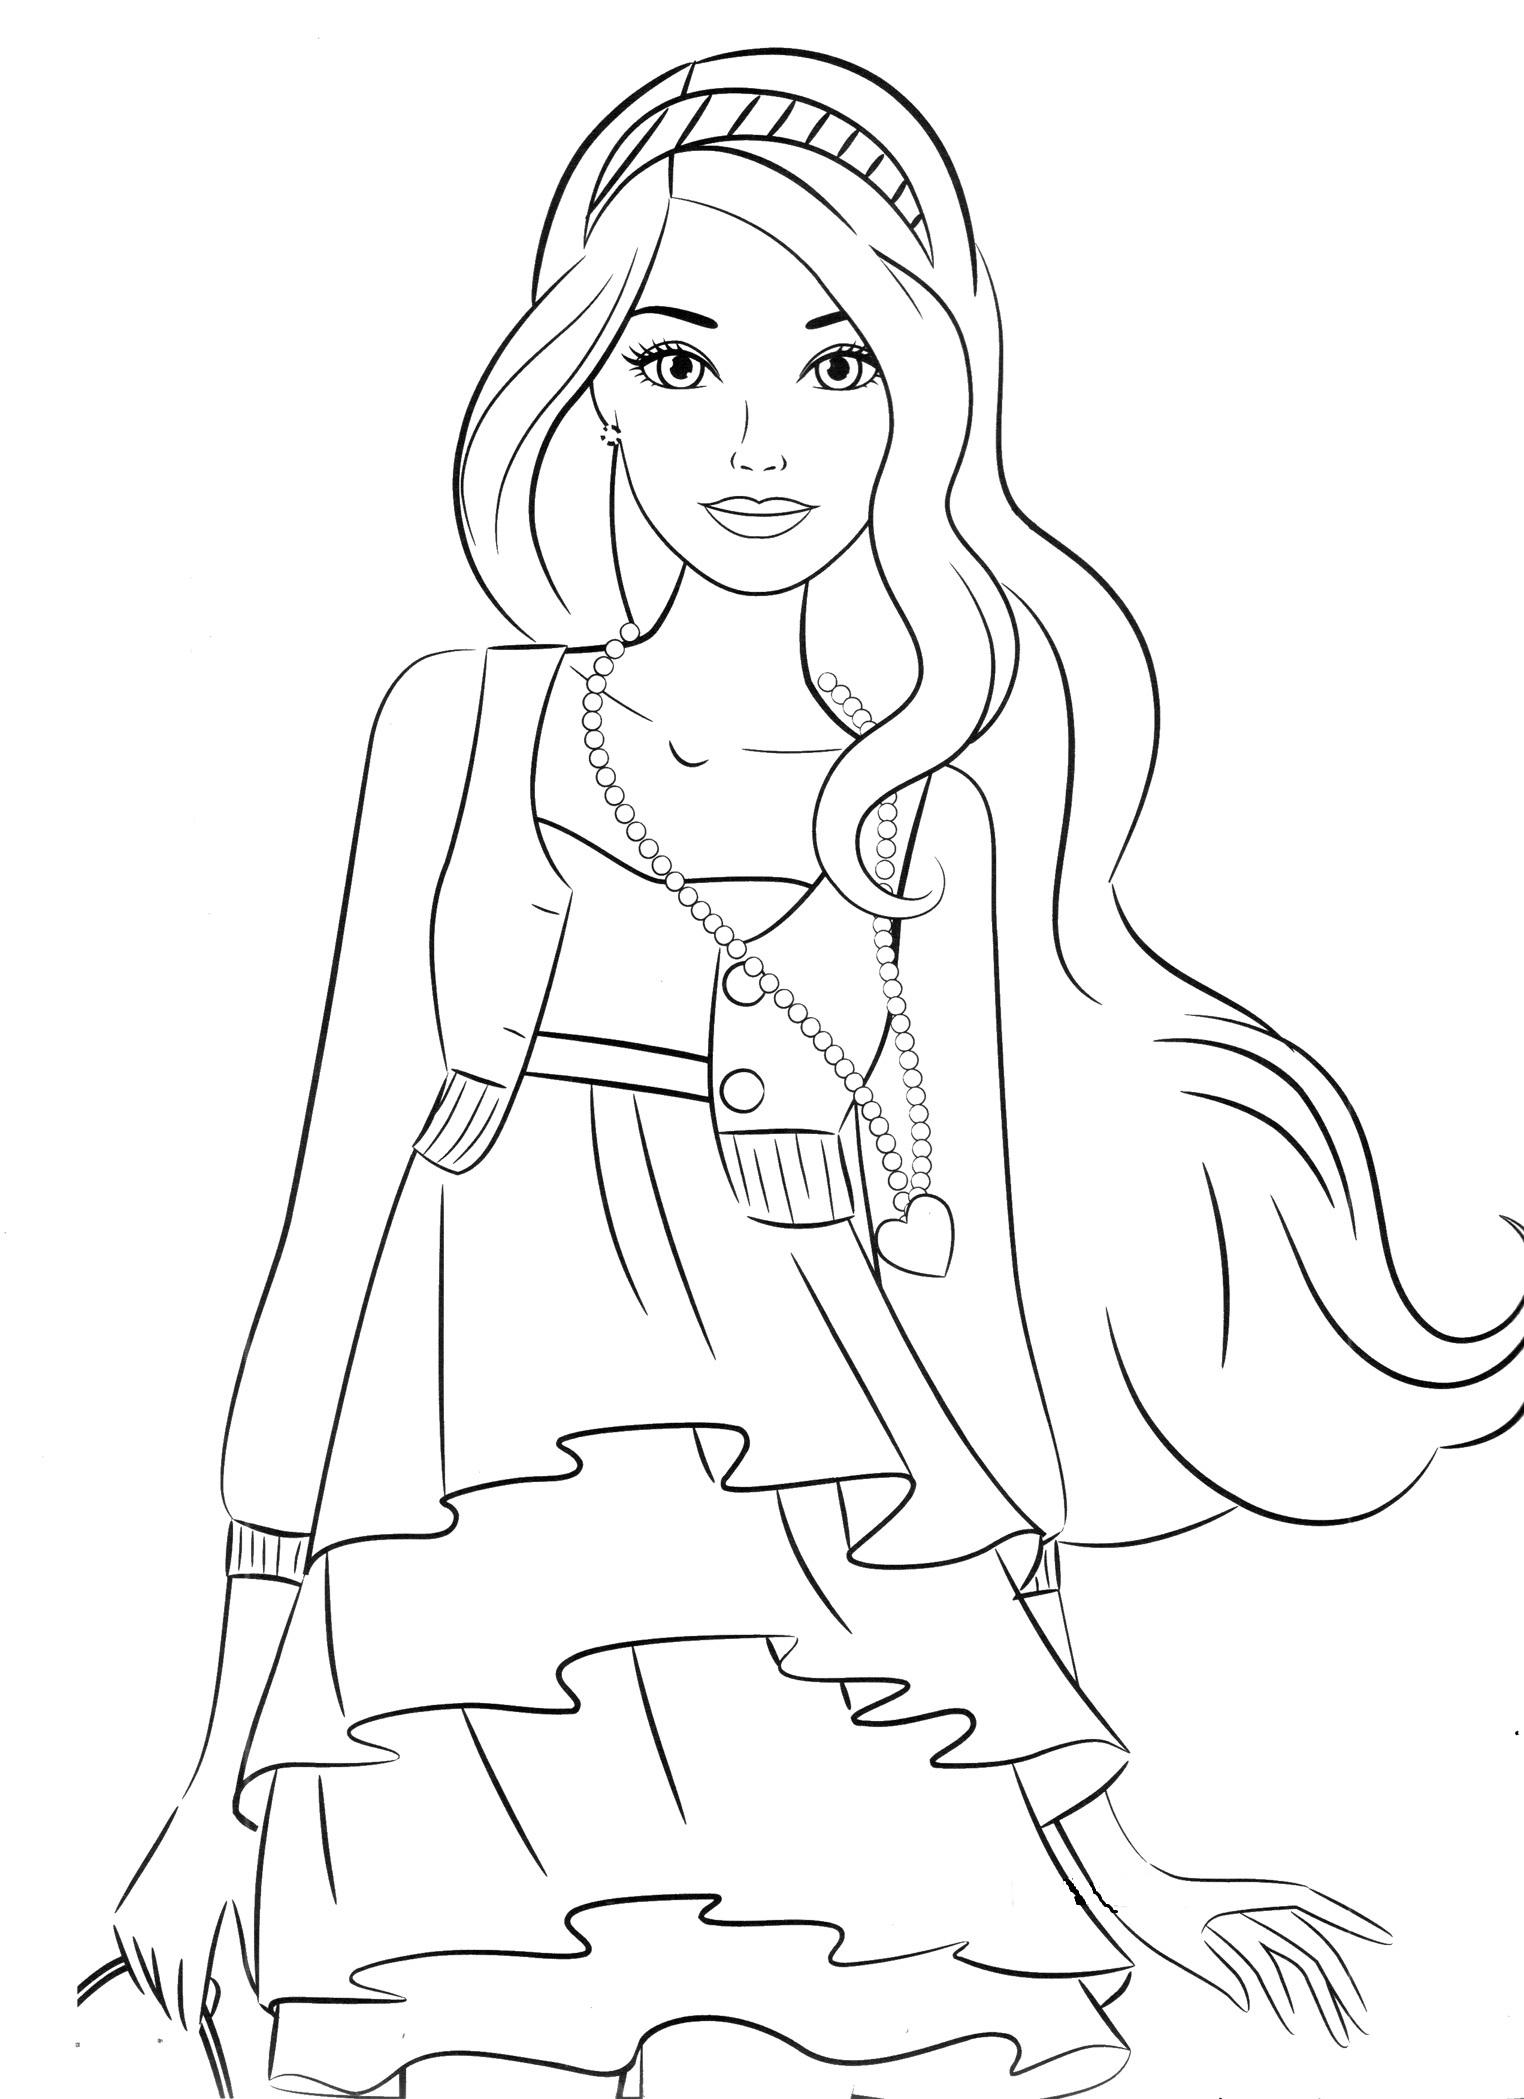 Скопировать раскраски для девочек - 2